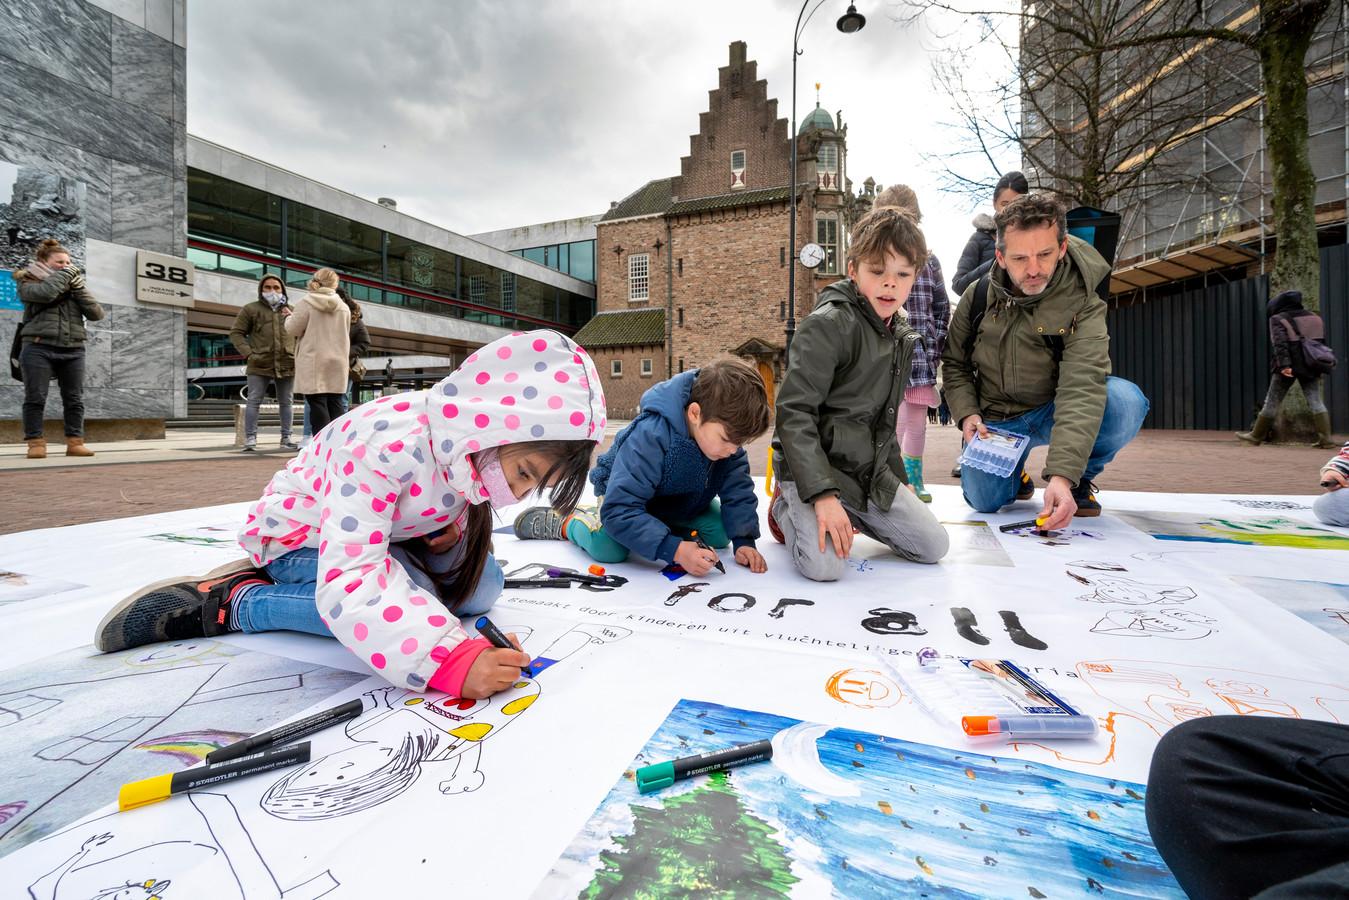 Kinderen in de weer voor vluchtelingen bij het stadhuis in Arnhem. Daar werd zondag de actie Lopend Vuur gehouden, waarin aandacht voor de leefomstandigheden van vluchtelingen wordt gevraagd.